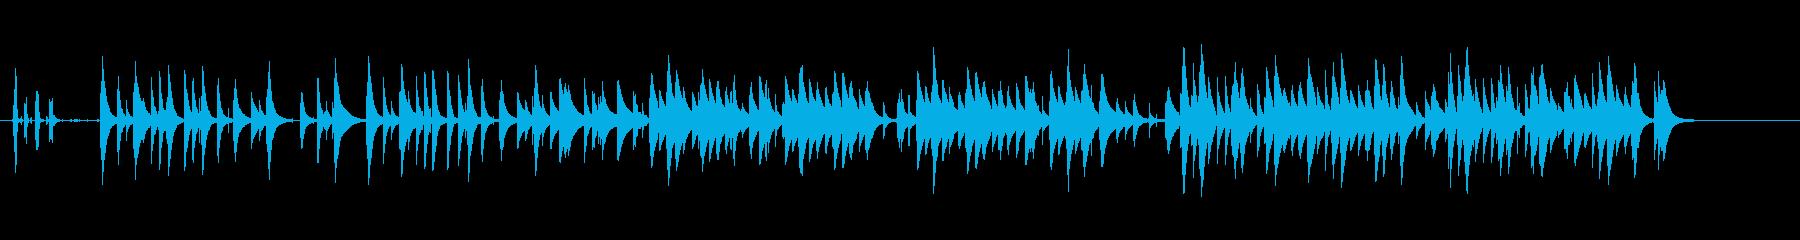 哀愁のある悲しい曲調のオルゴール曲の再生済みの波形